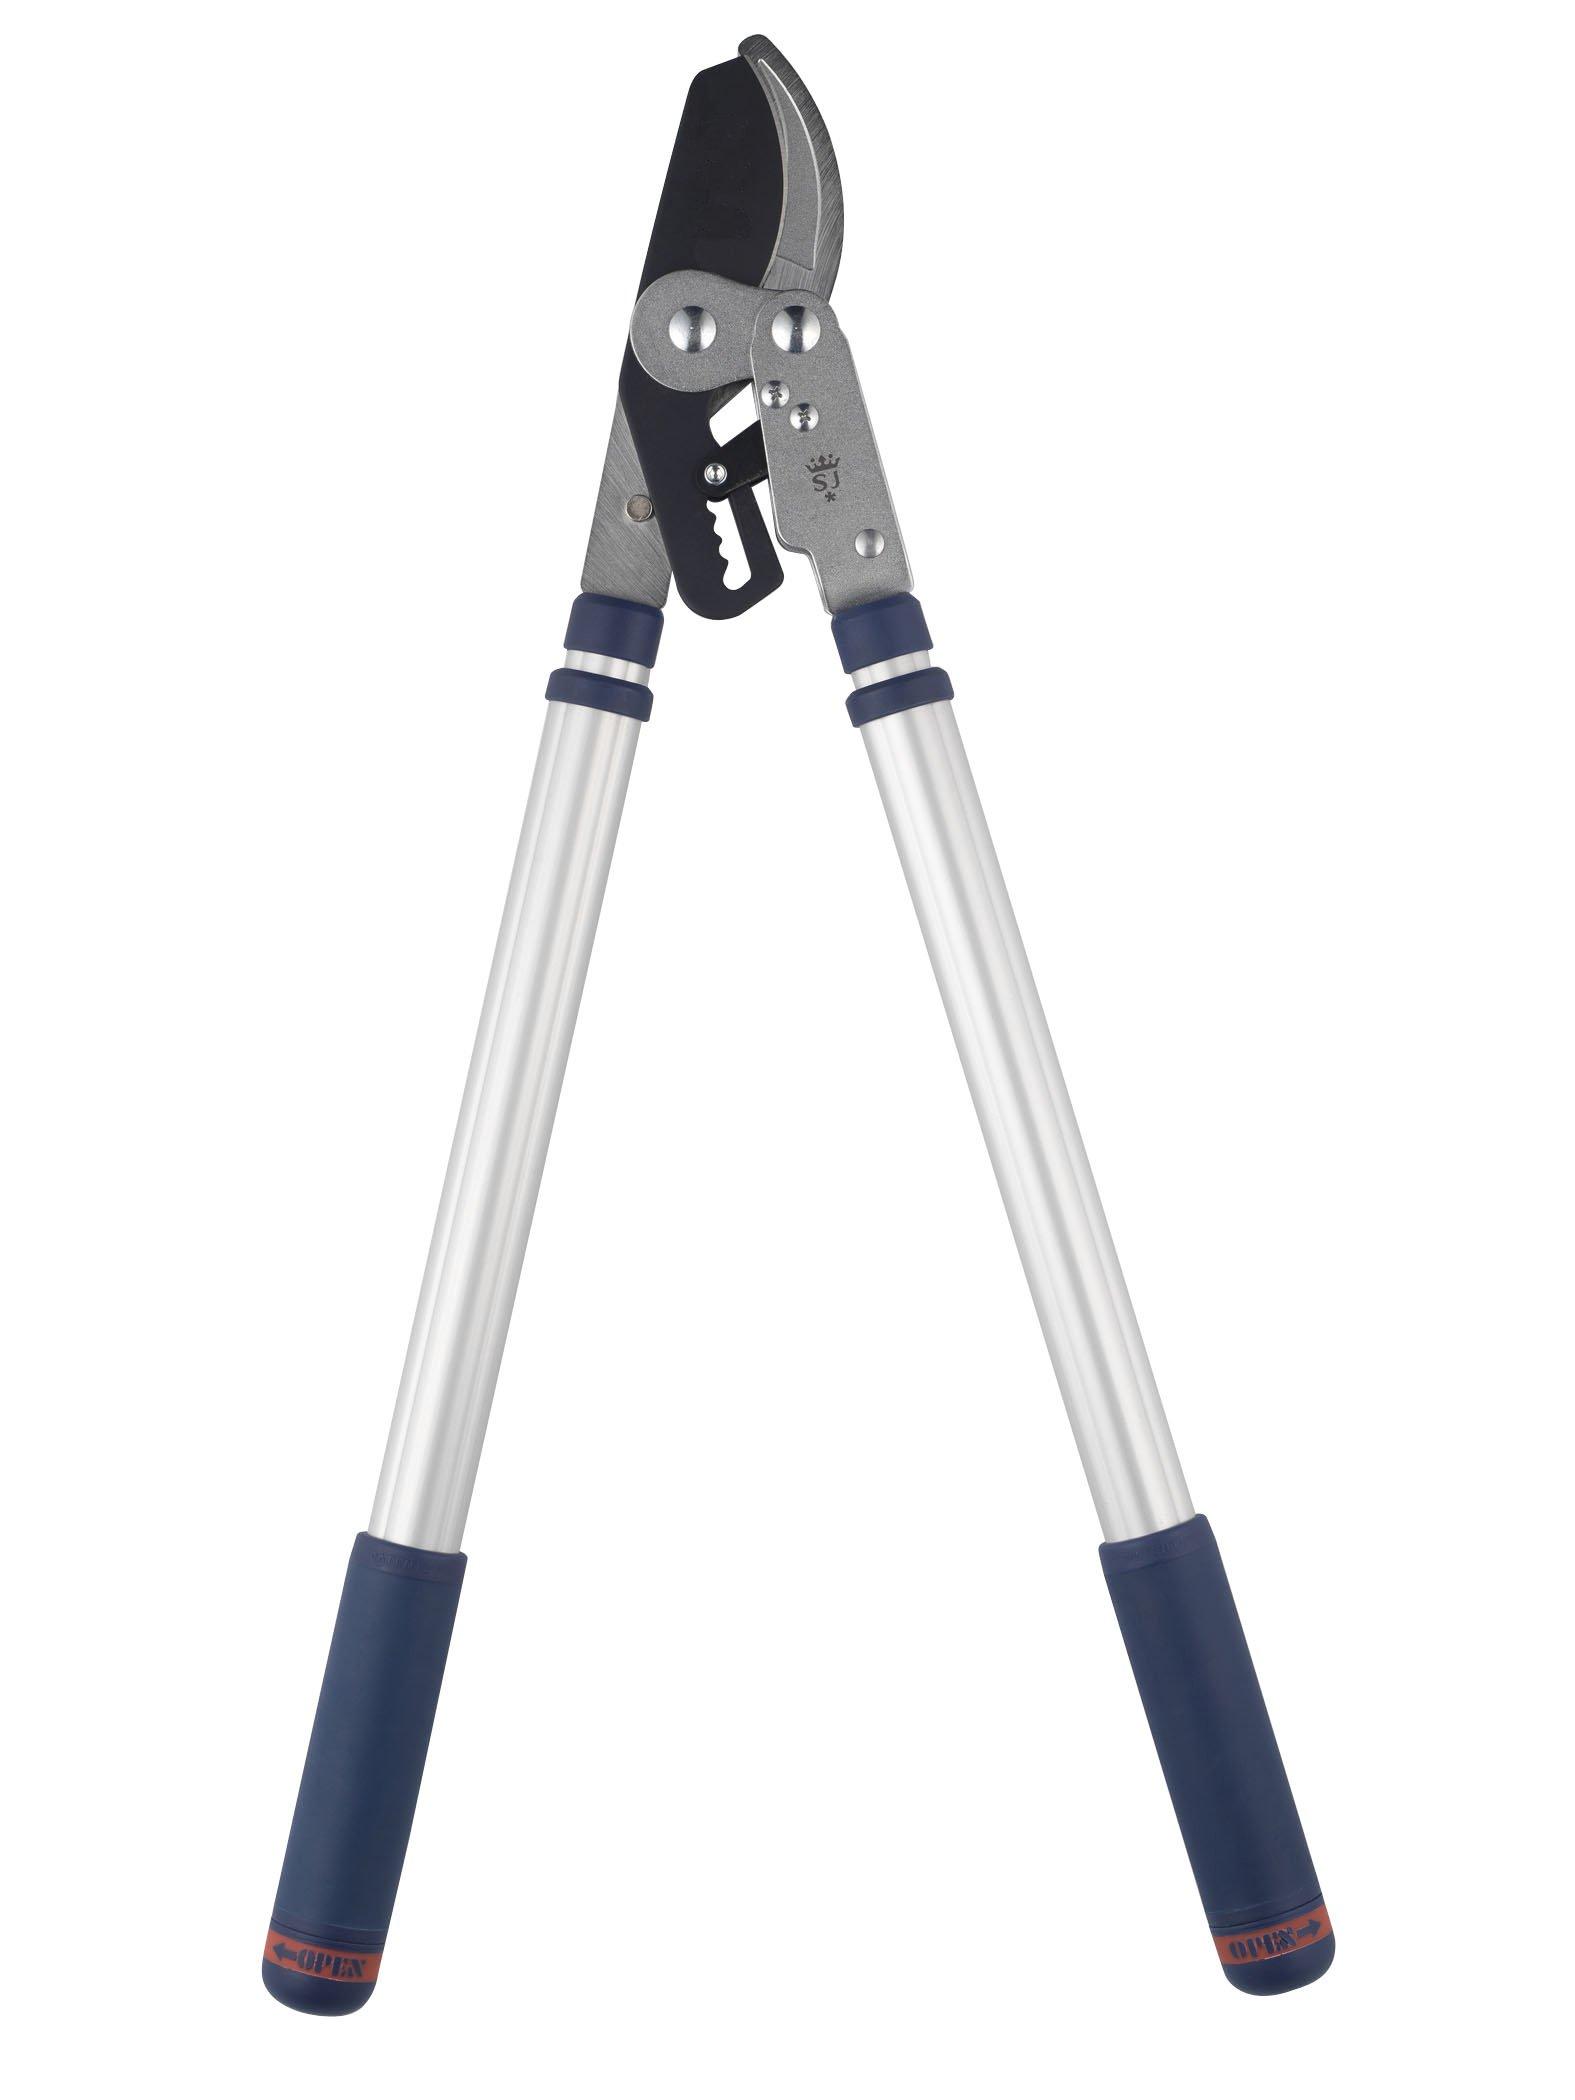 Spear & Jackson 8090RS/09 Razorsharp Telescopic Ratchet Bypass Lopper